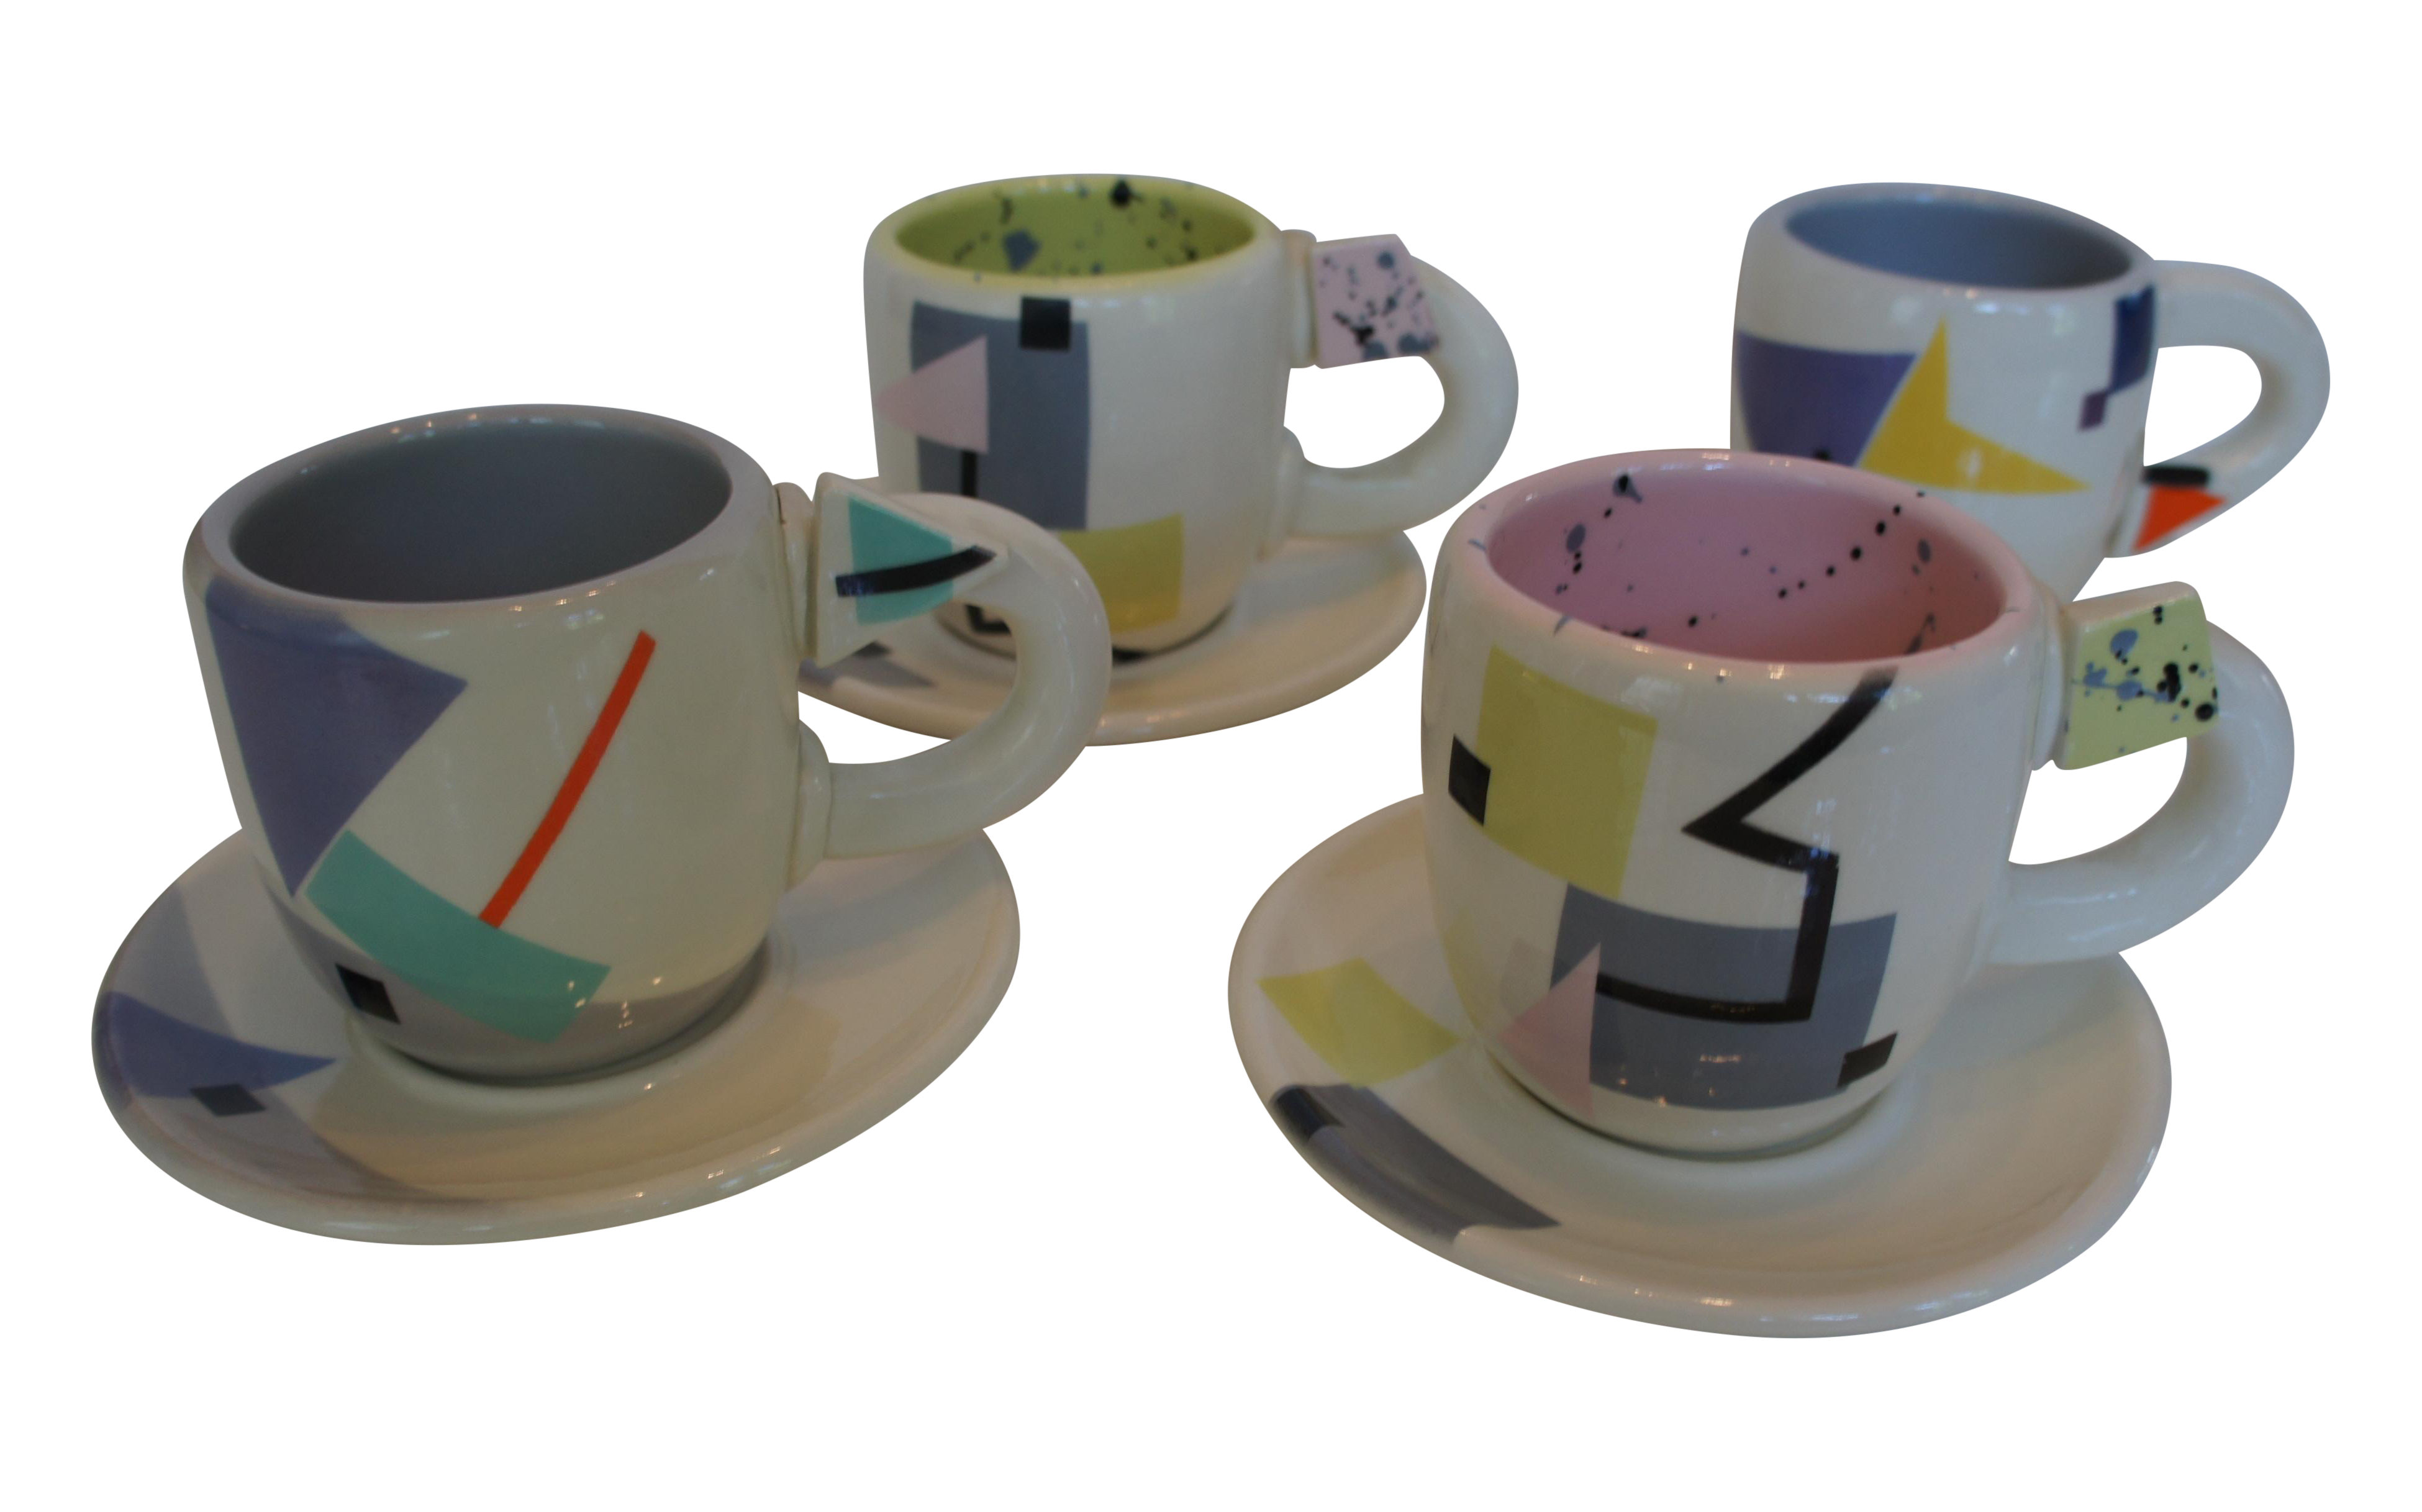 sc 1 st  Chairish & Rita Duvall Memphis Style Art Pottery Tea Set | Chairish